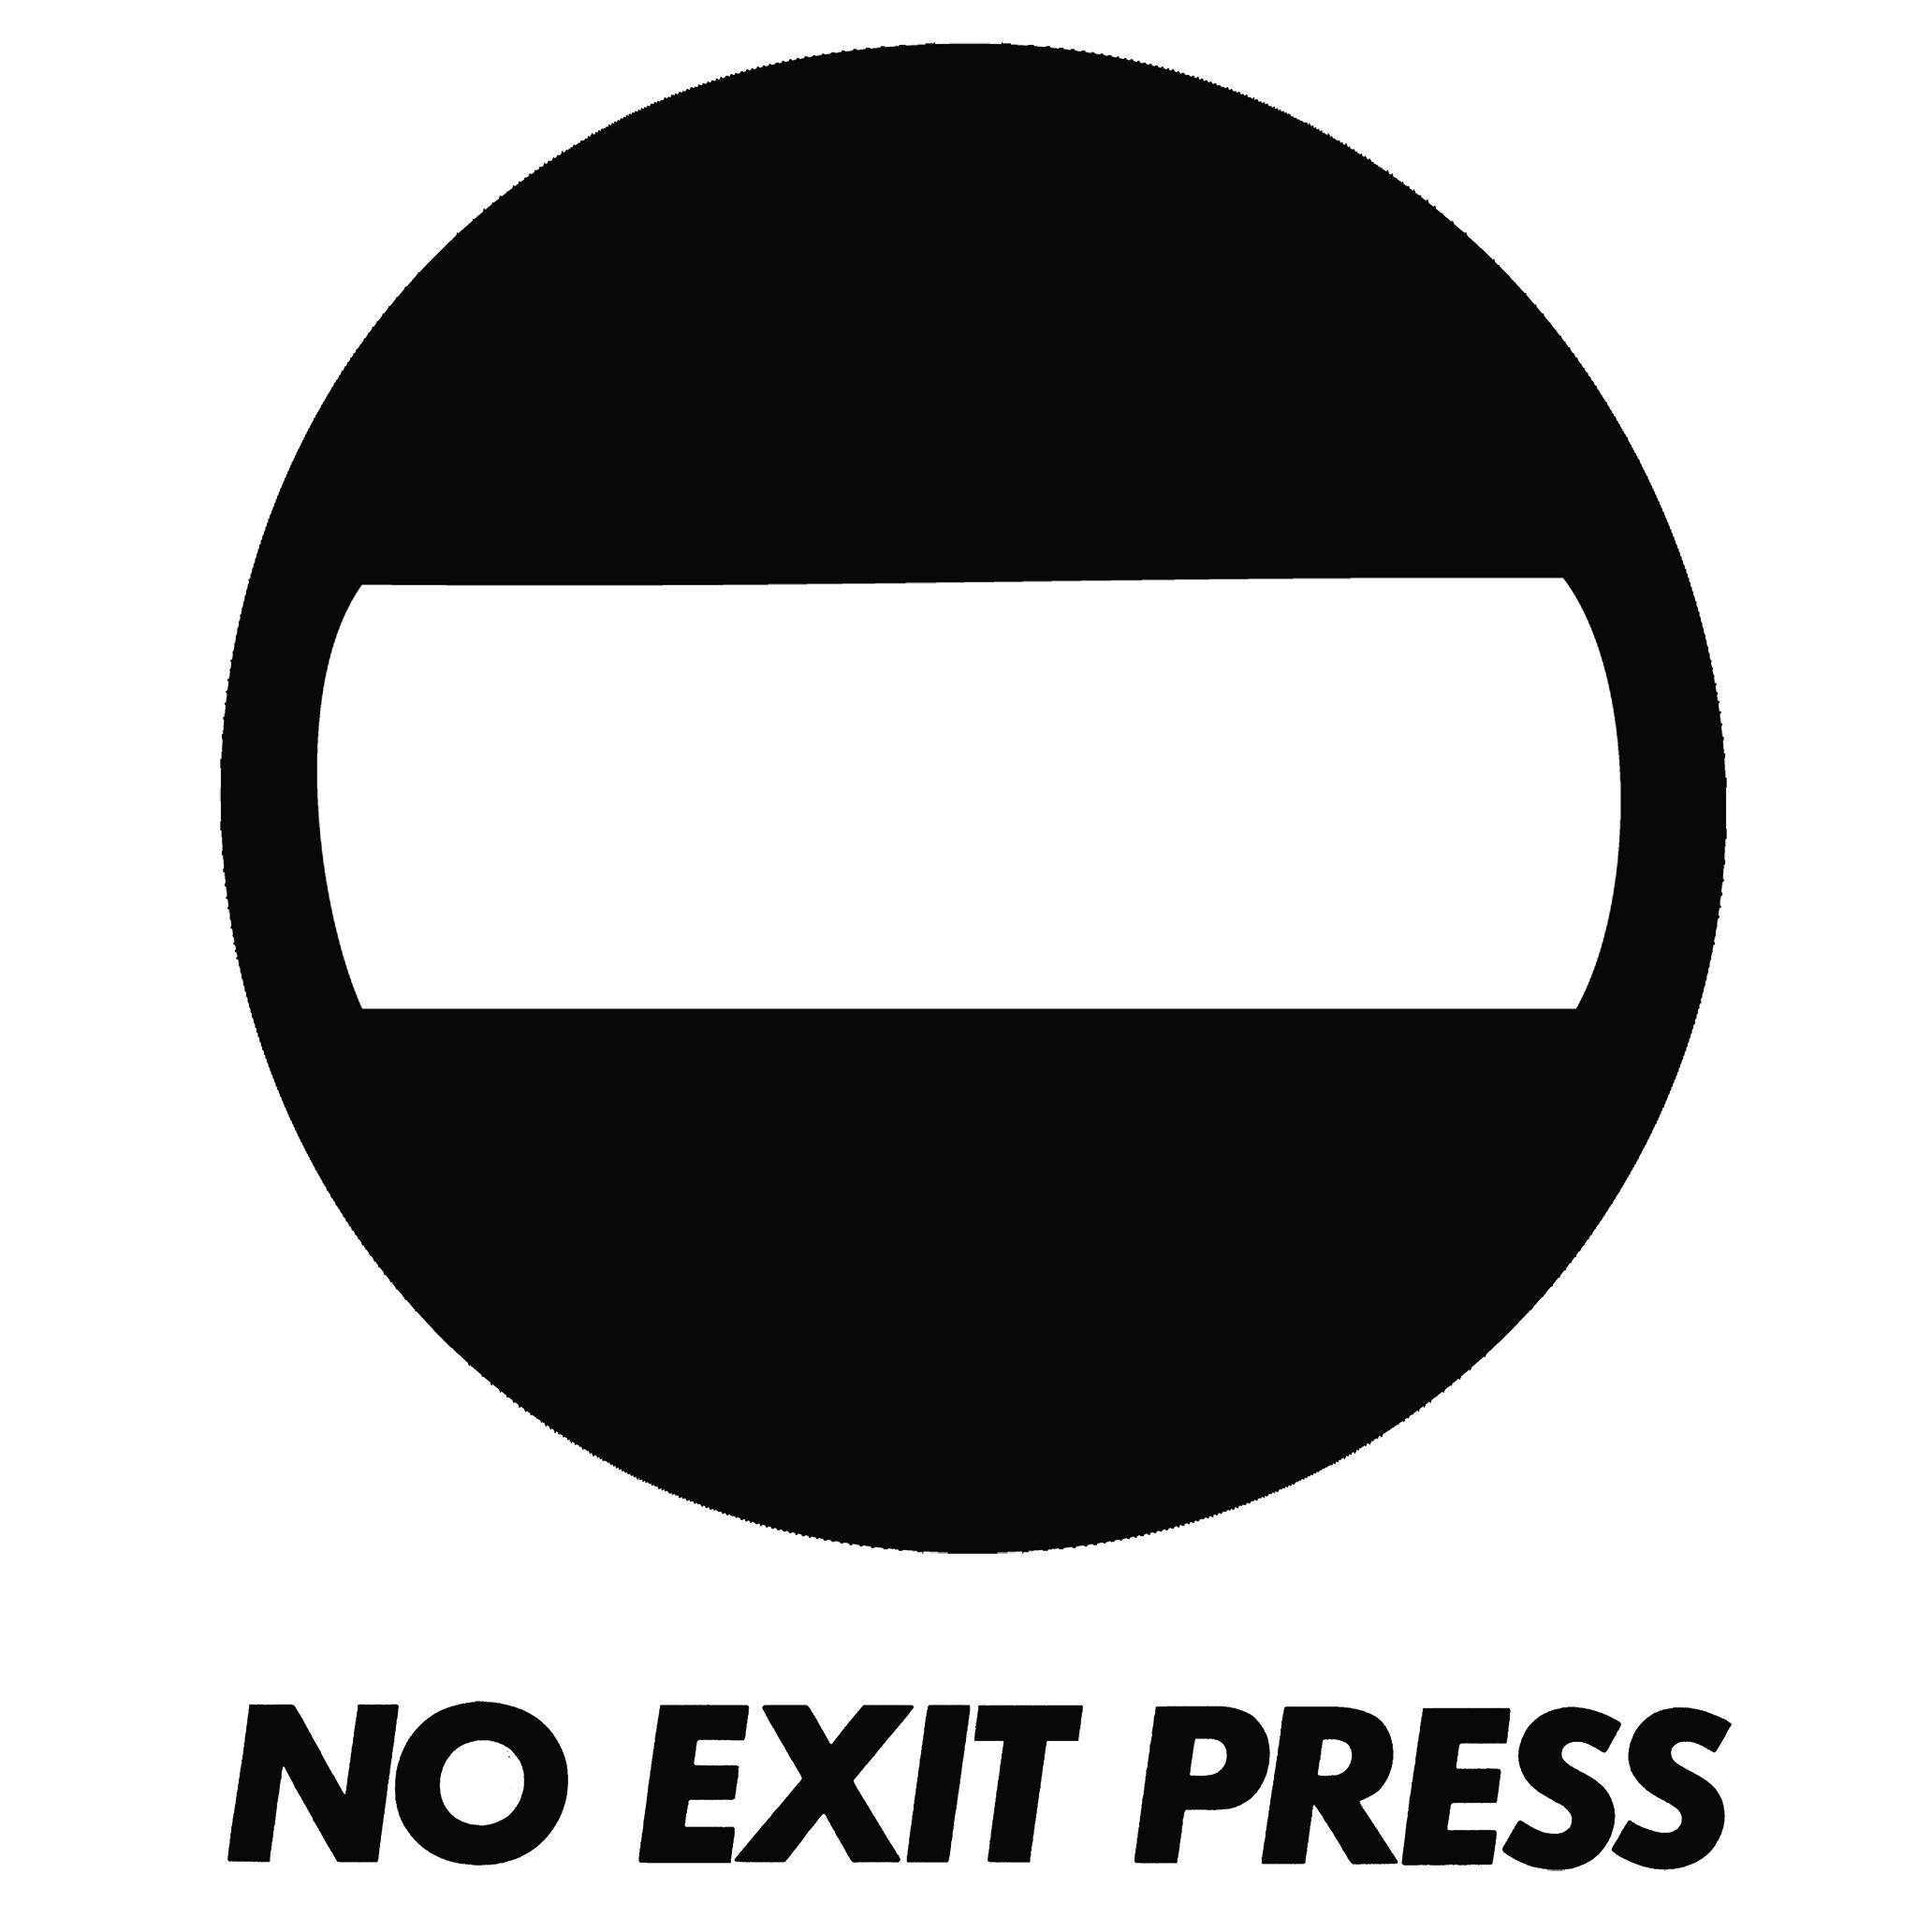 LB - Image - Meet the Indies - No Exit Press logo.jpg